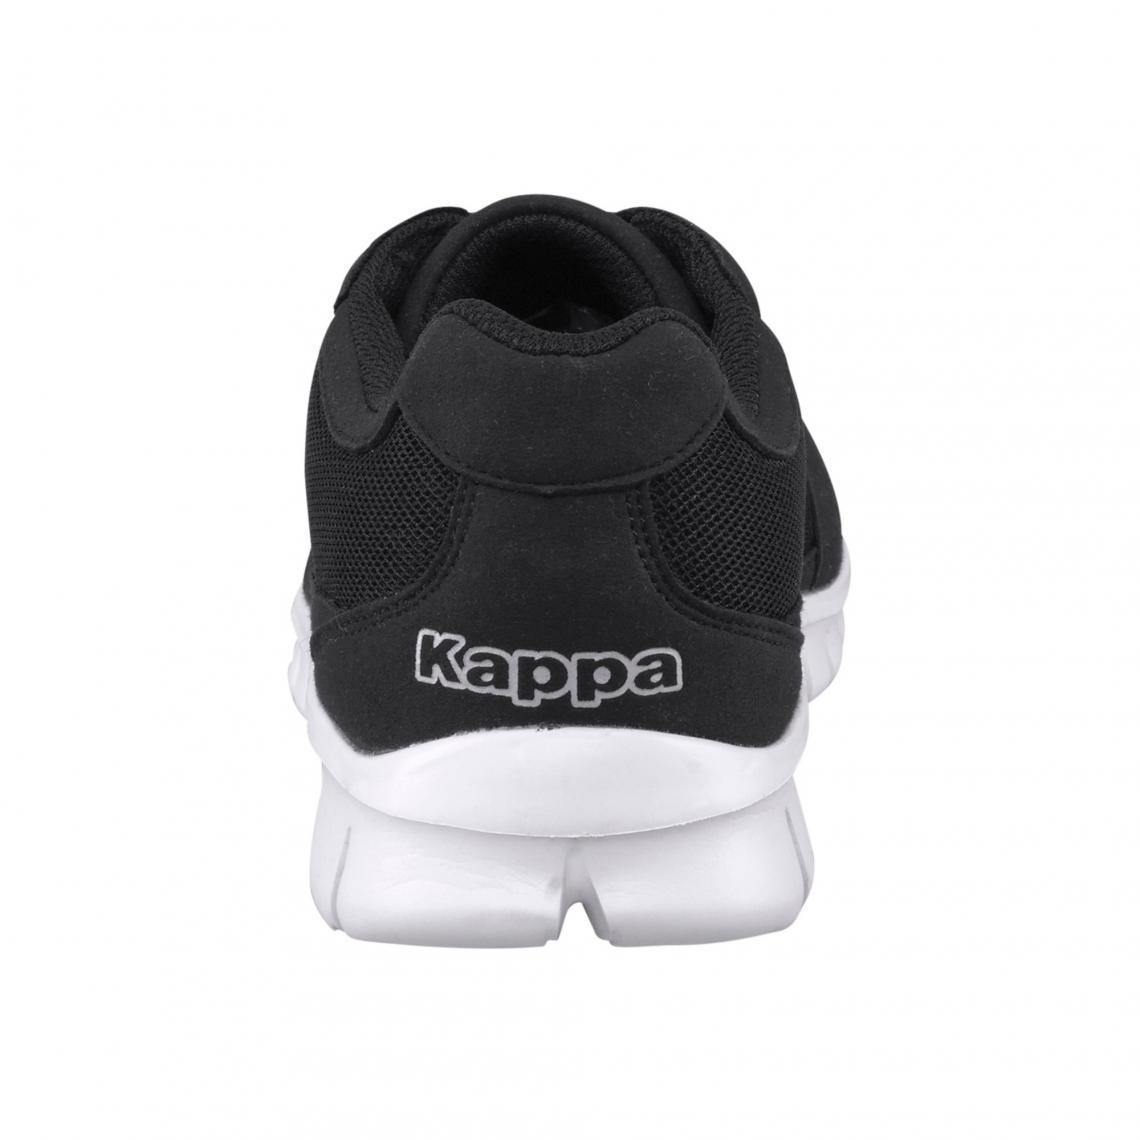 b13b45d28c6 Kappa Rocket chaussures de sport homme